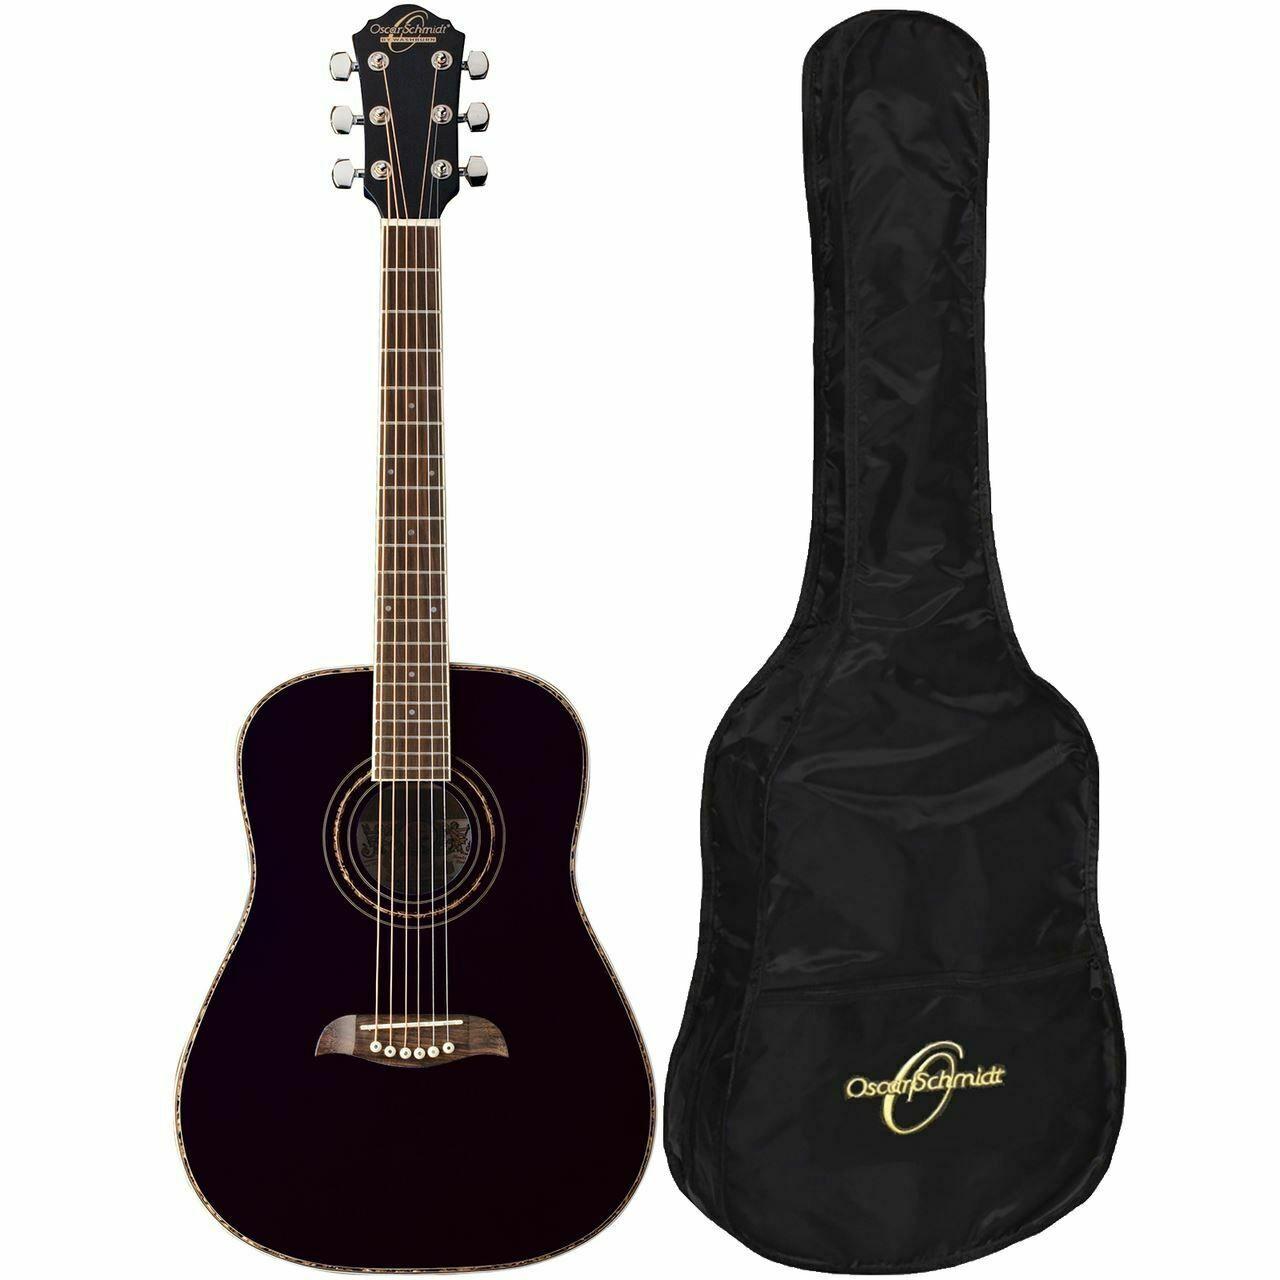 Details About Oscar Schmidt Oghsb 1 2 Size Acoustic Guitar Kit With Gig Bag Black Acoustic Guitar Kits Guitar Guitar Kits